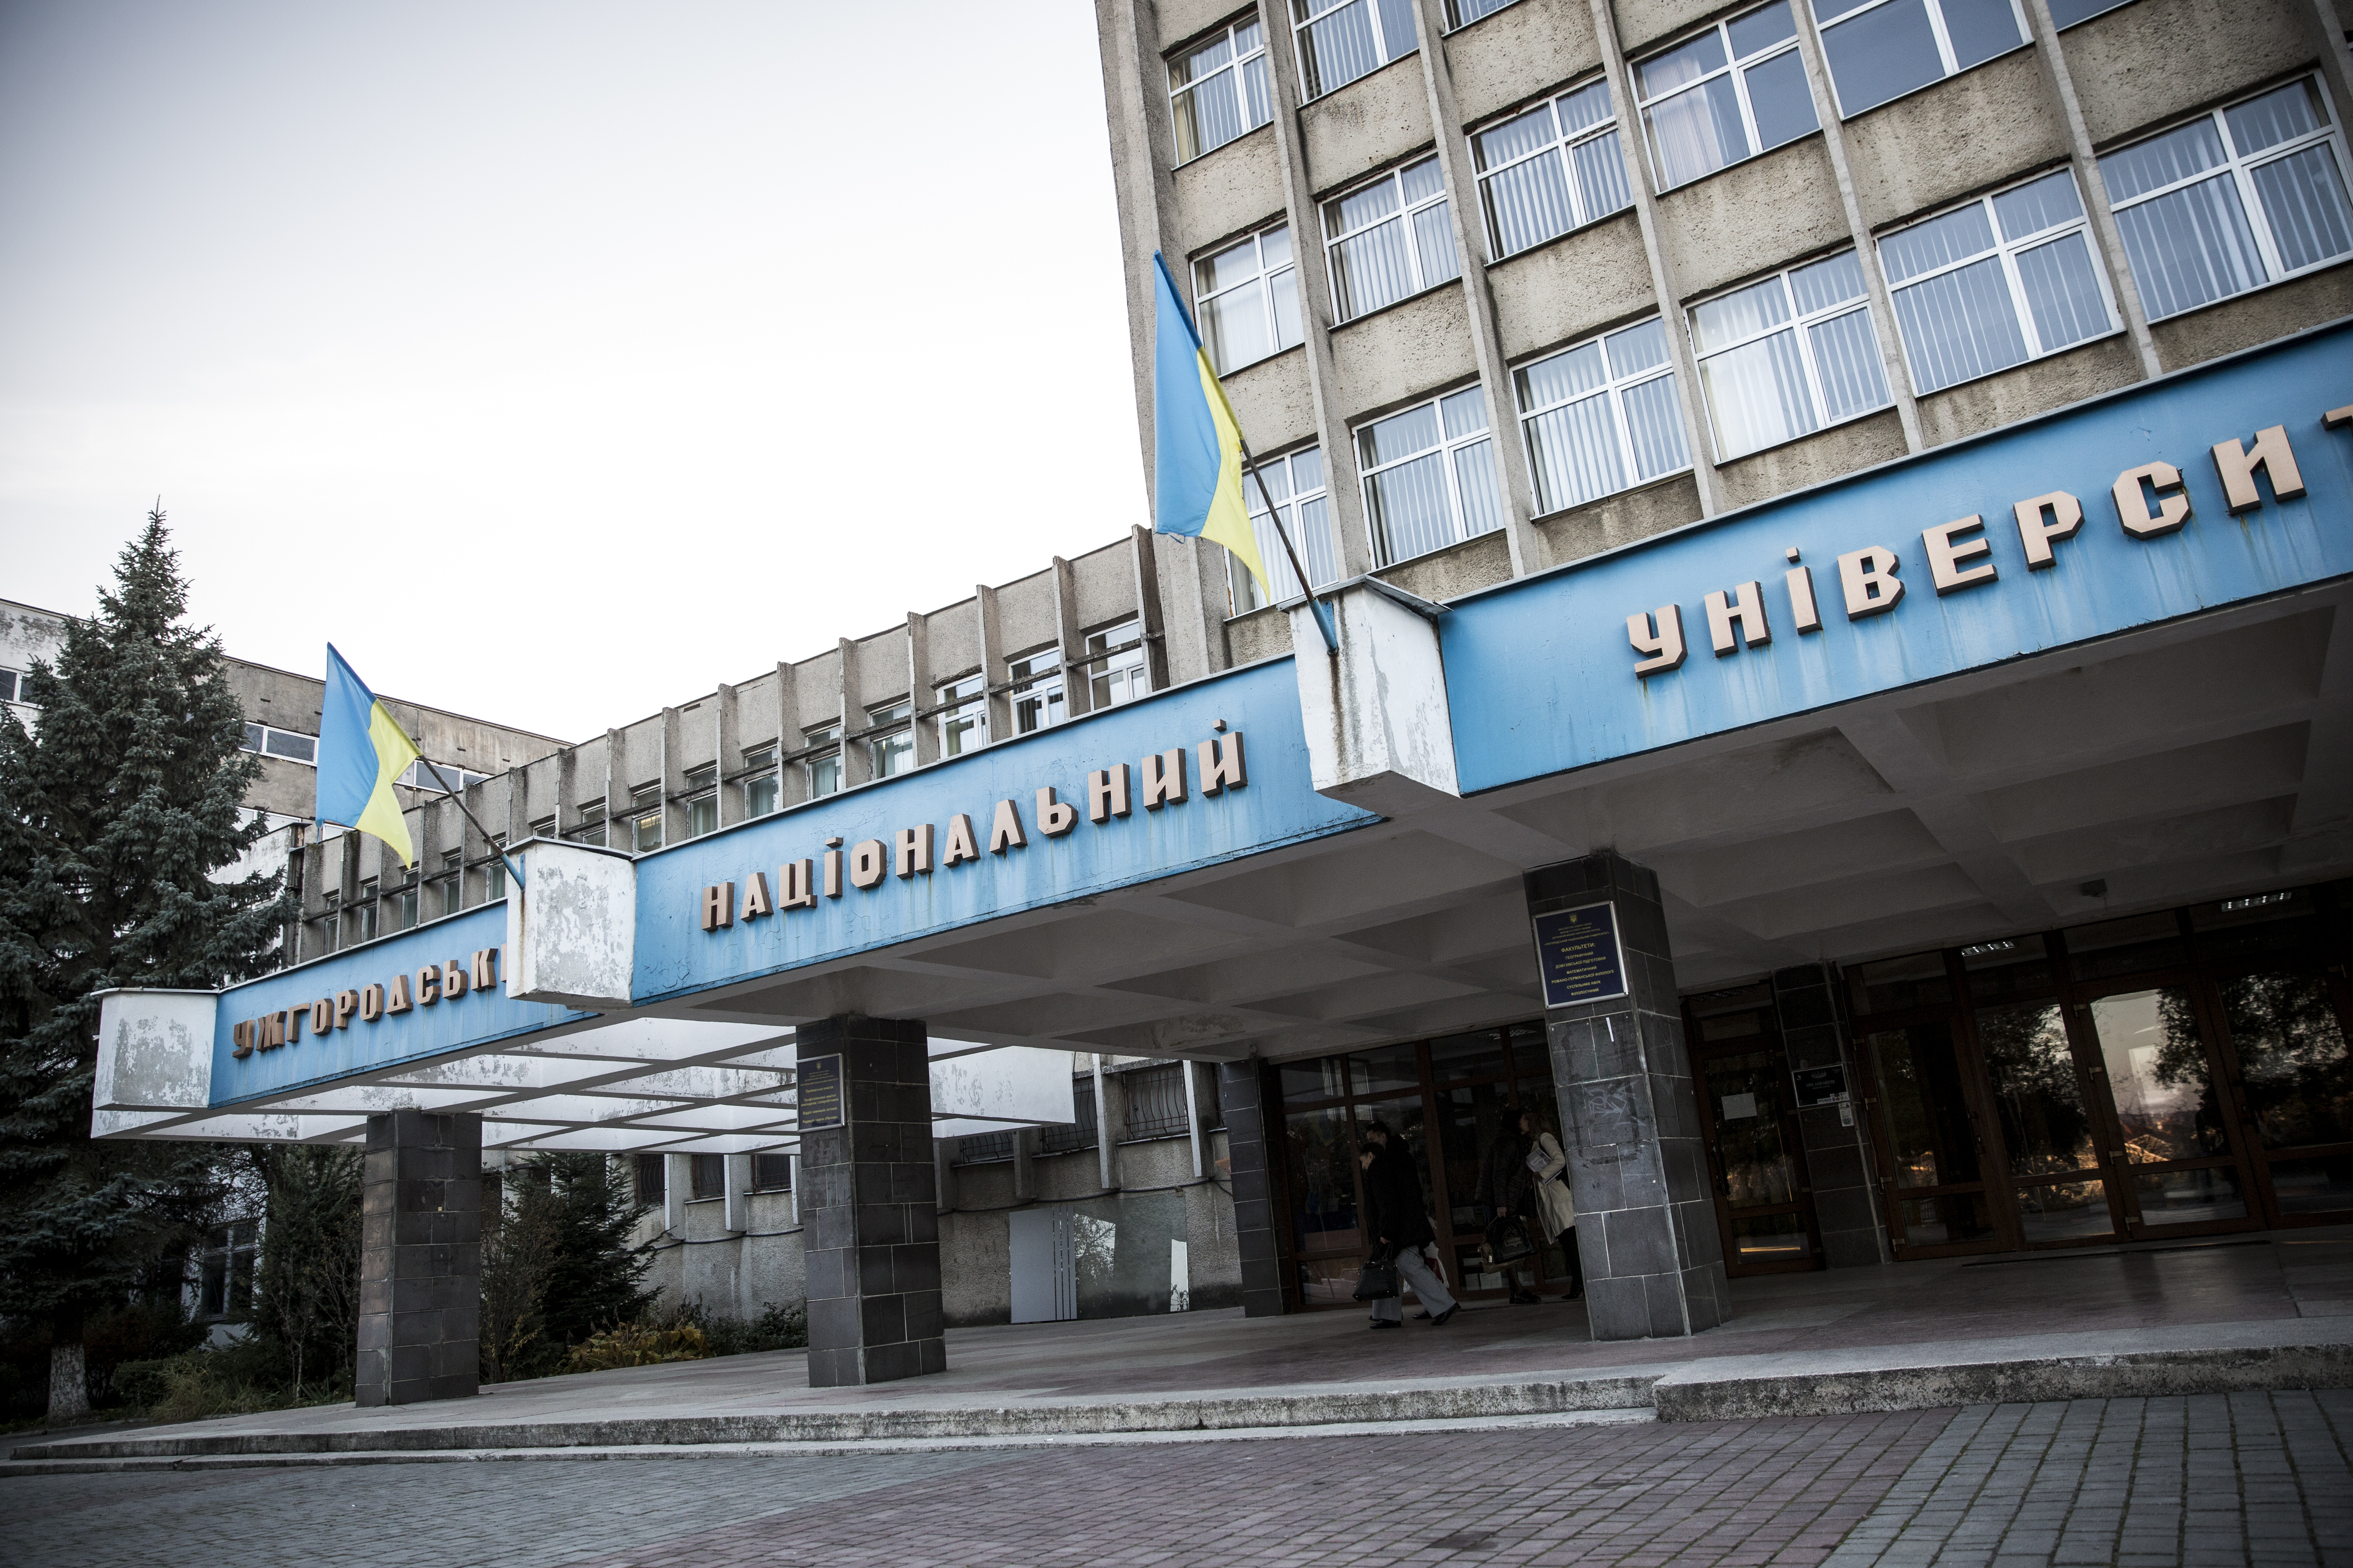 Hatályba lépett a vitatott ukrán nyelvtörvény